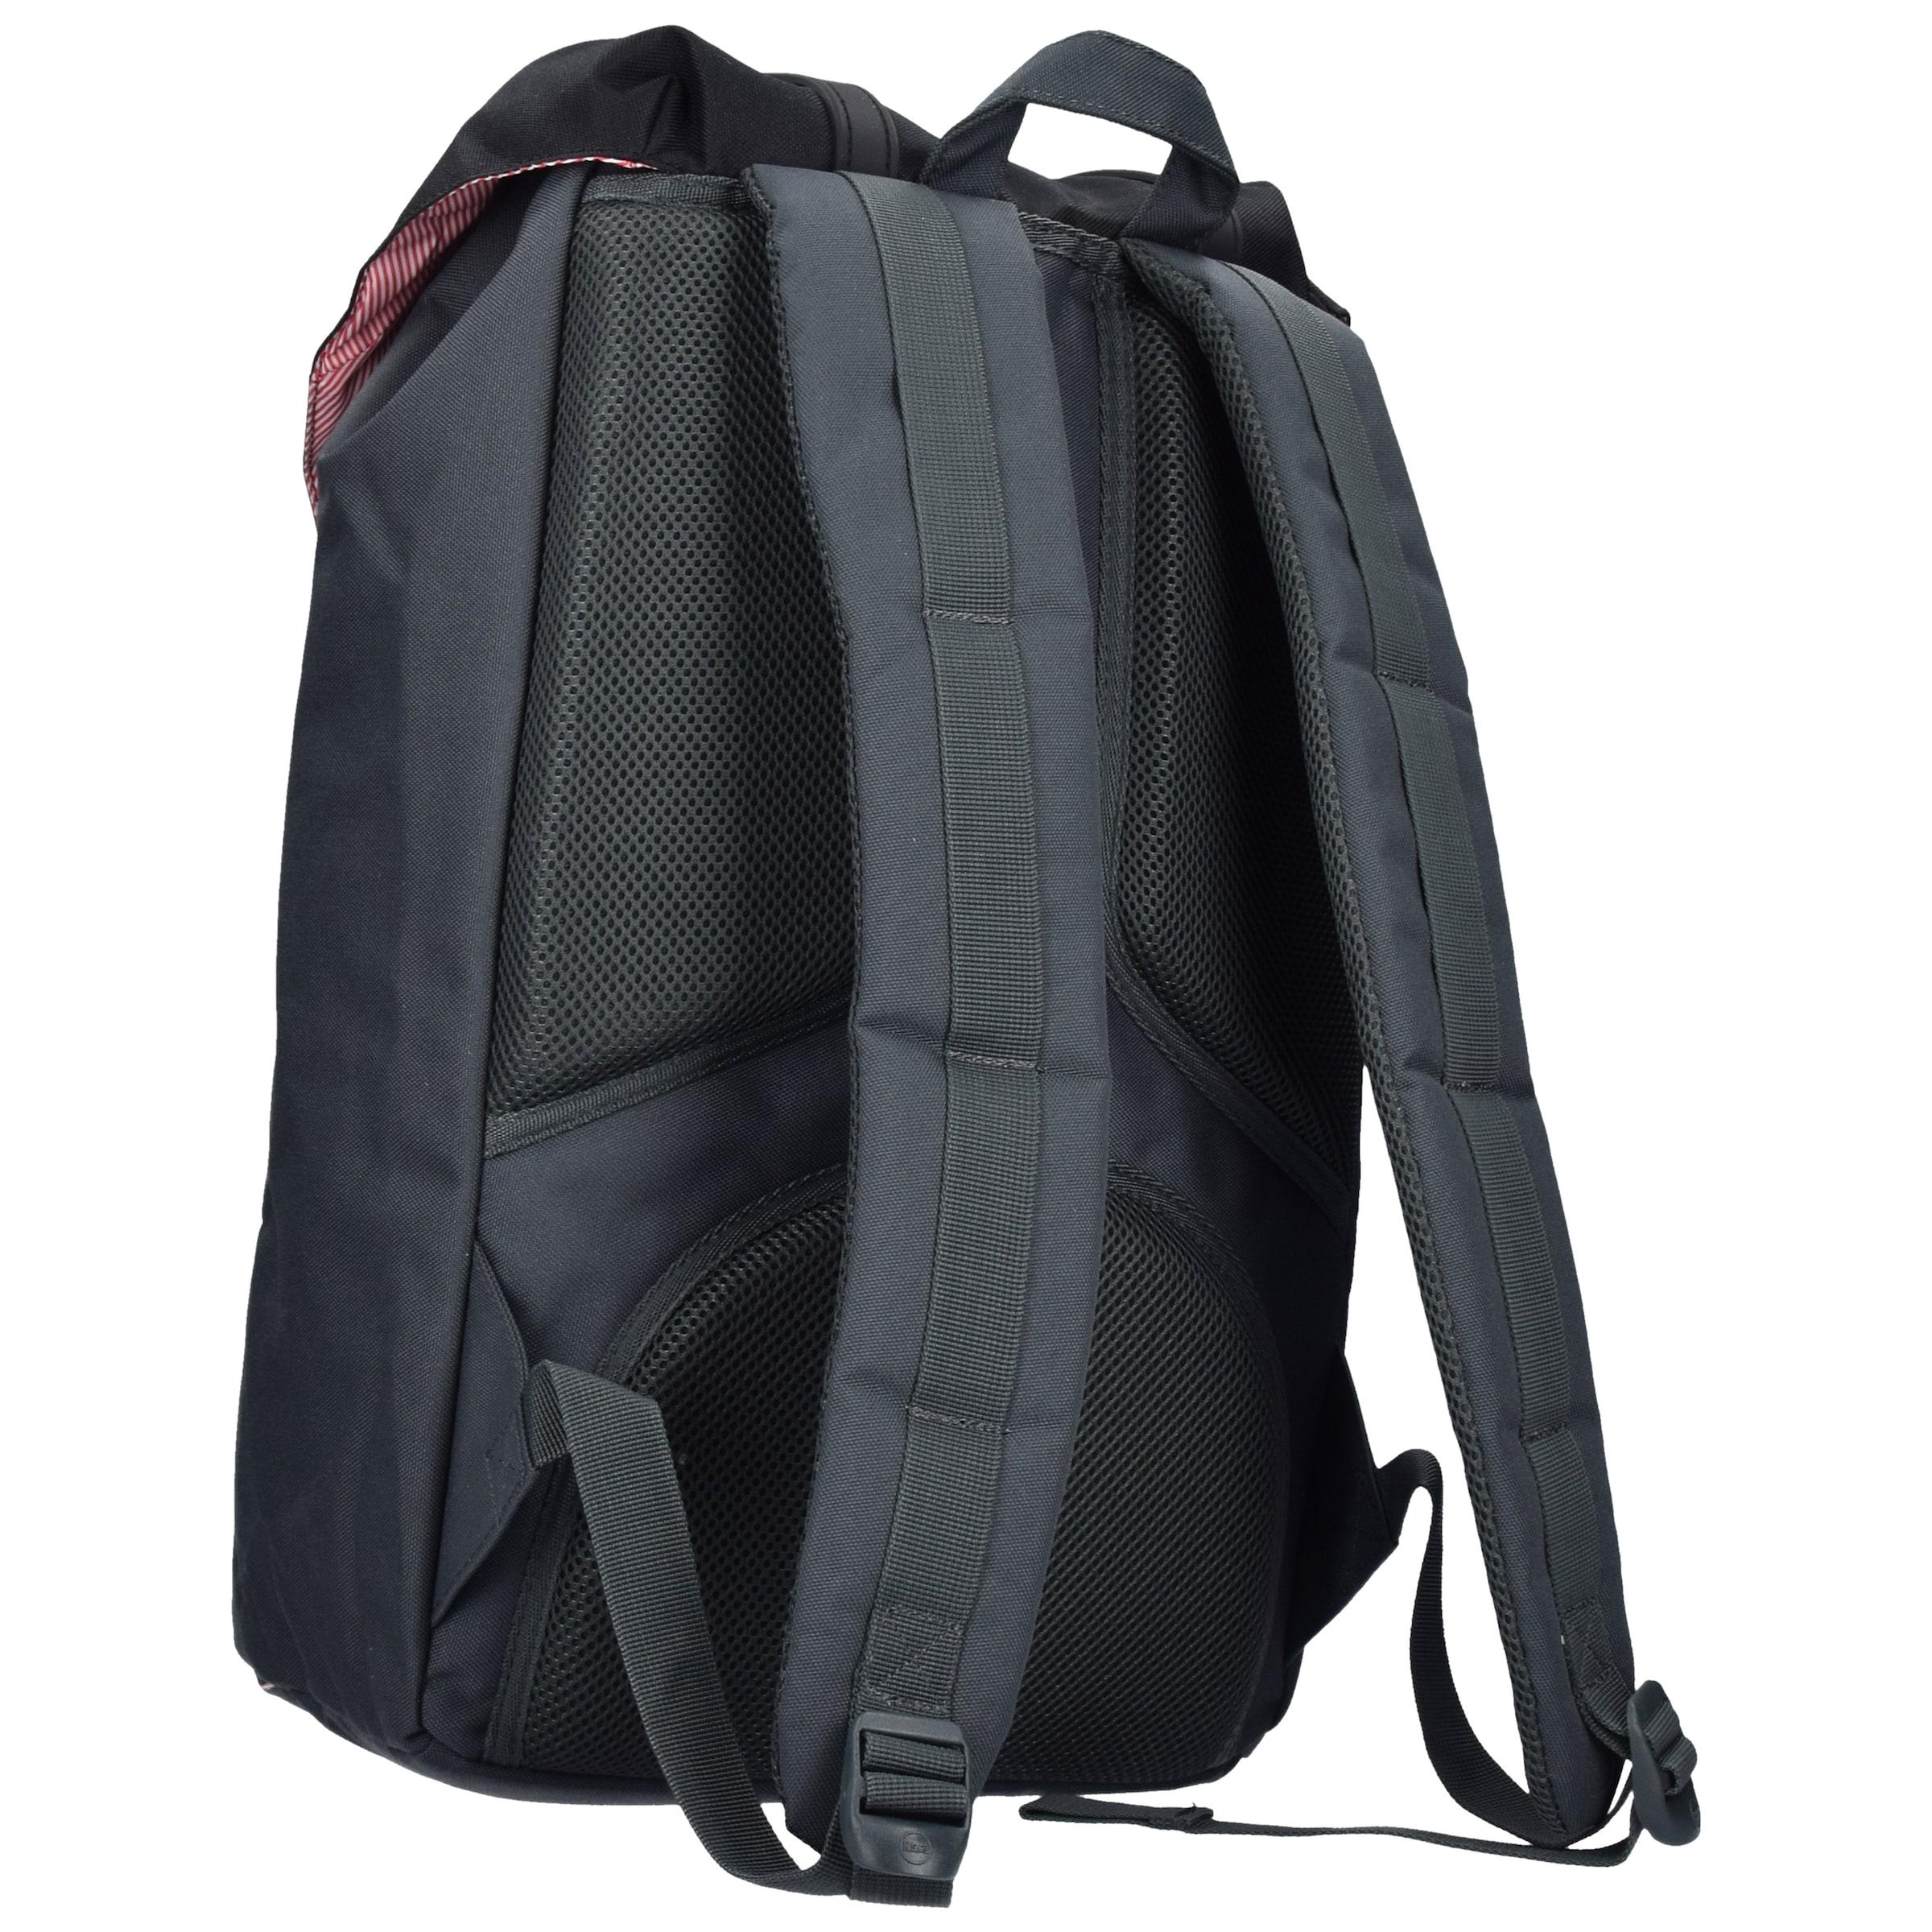 Um Online Herschel Little America 16 Rucksack 52 cm Laptopfach Billig Verkauf Countdown-Paket Verkauf Footaction Bester Ort Outlet Top-Qualität 81455V6HnK